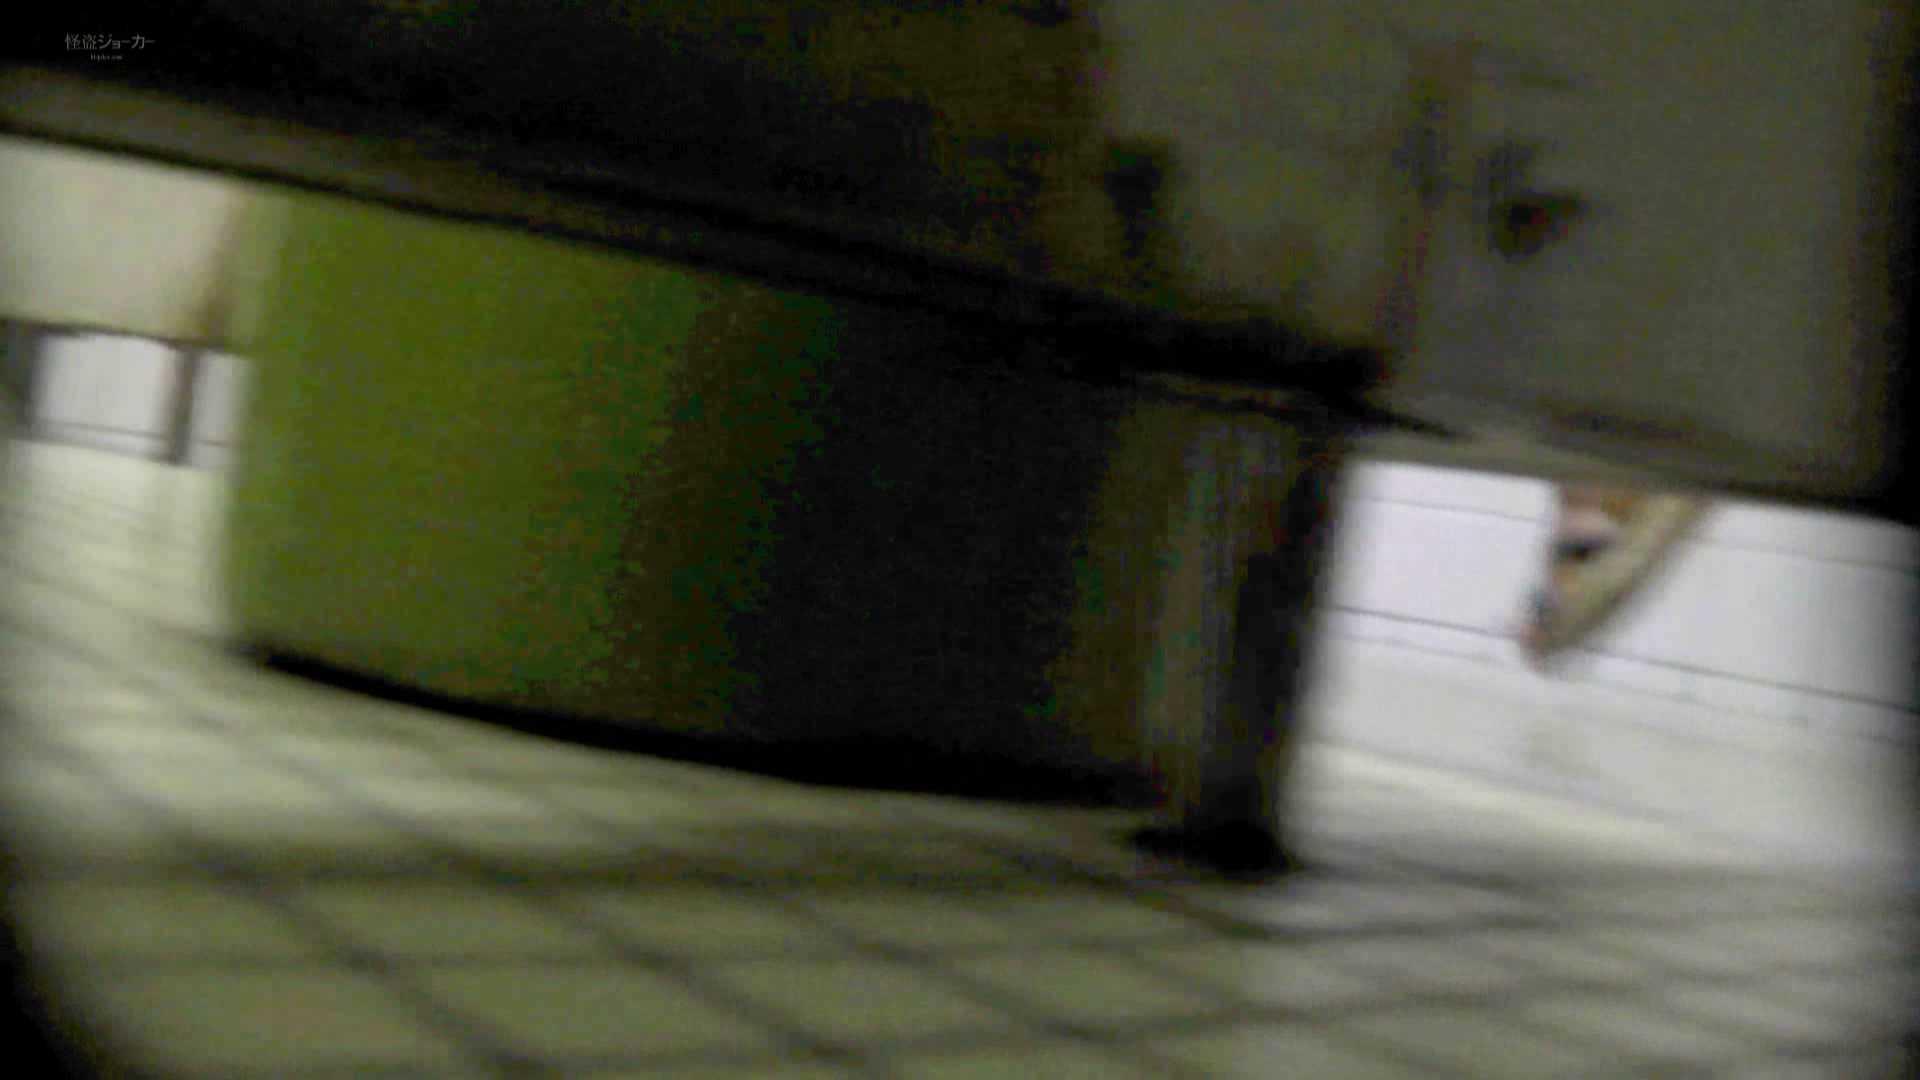 【潜入トイレ盗撮】洗面所特攻隊 vol.70 極上品の連続、歌いながら美女入室 盗撮エロすぎ | トイレ中  90連発 61